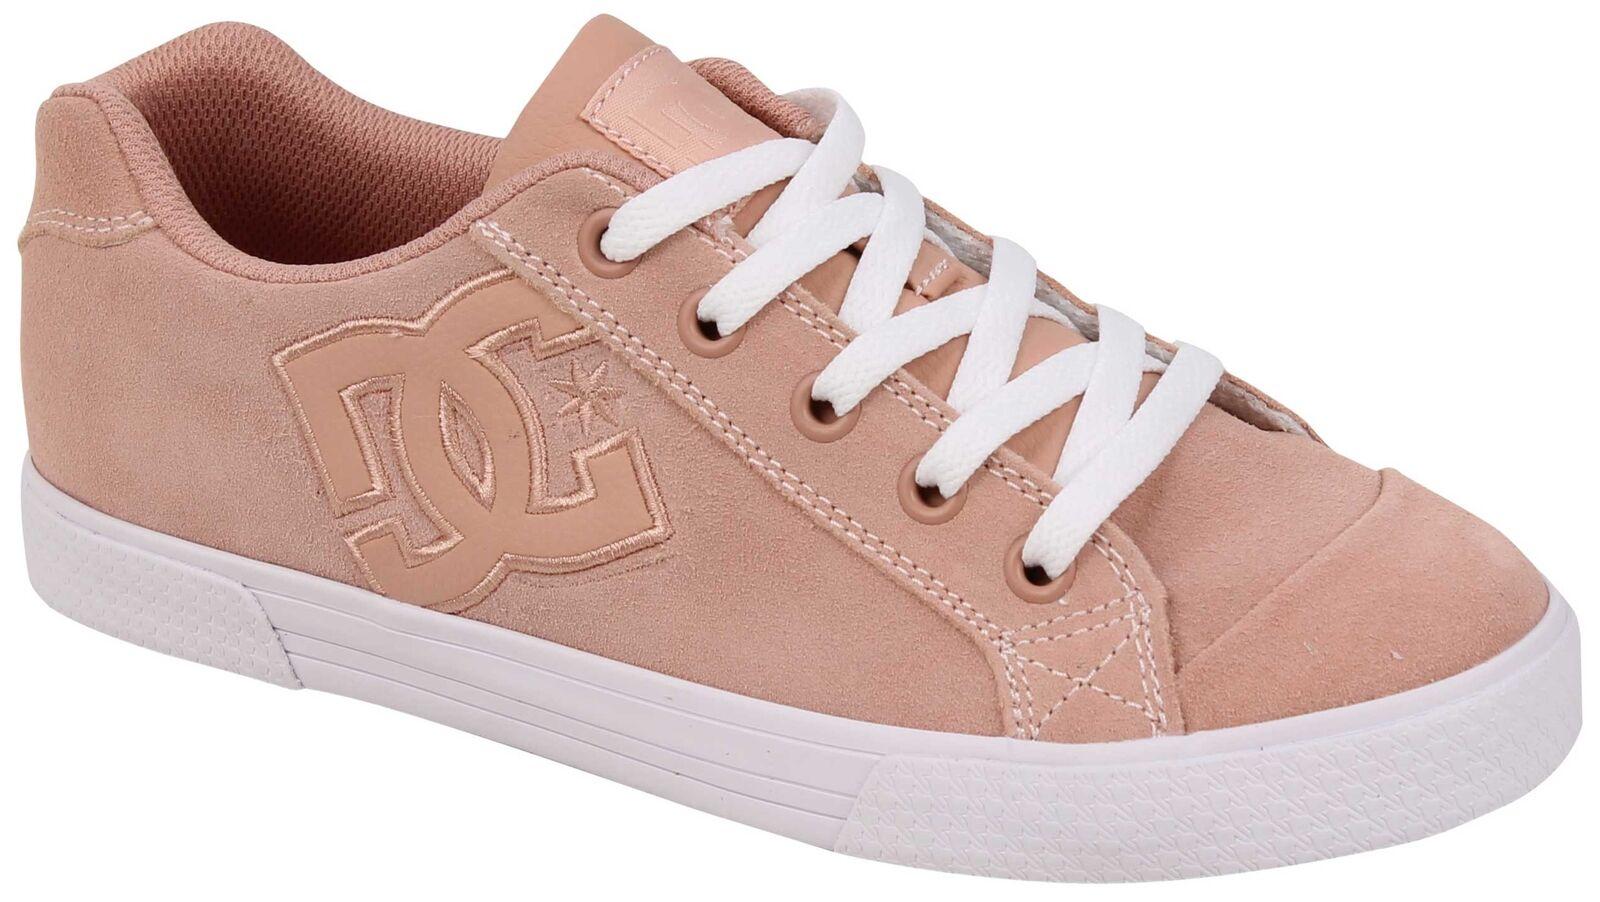 DC Para Para Para Mujer Chelsea Zapato-Peach Parfait se-Nuevo  apresurado a ver